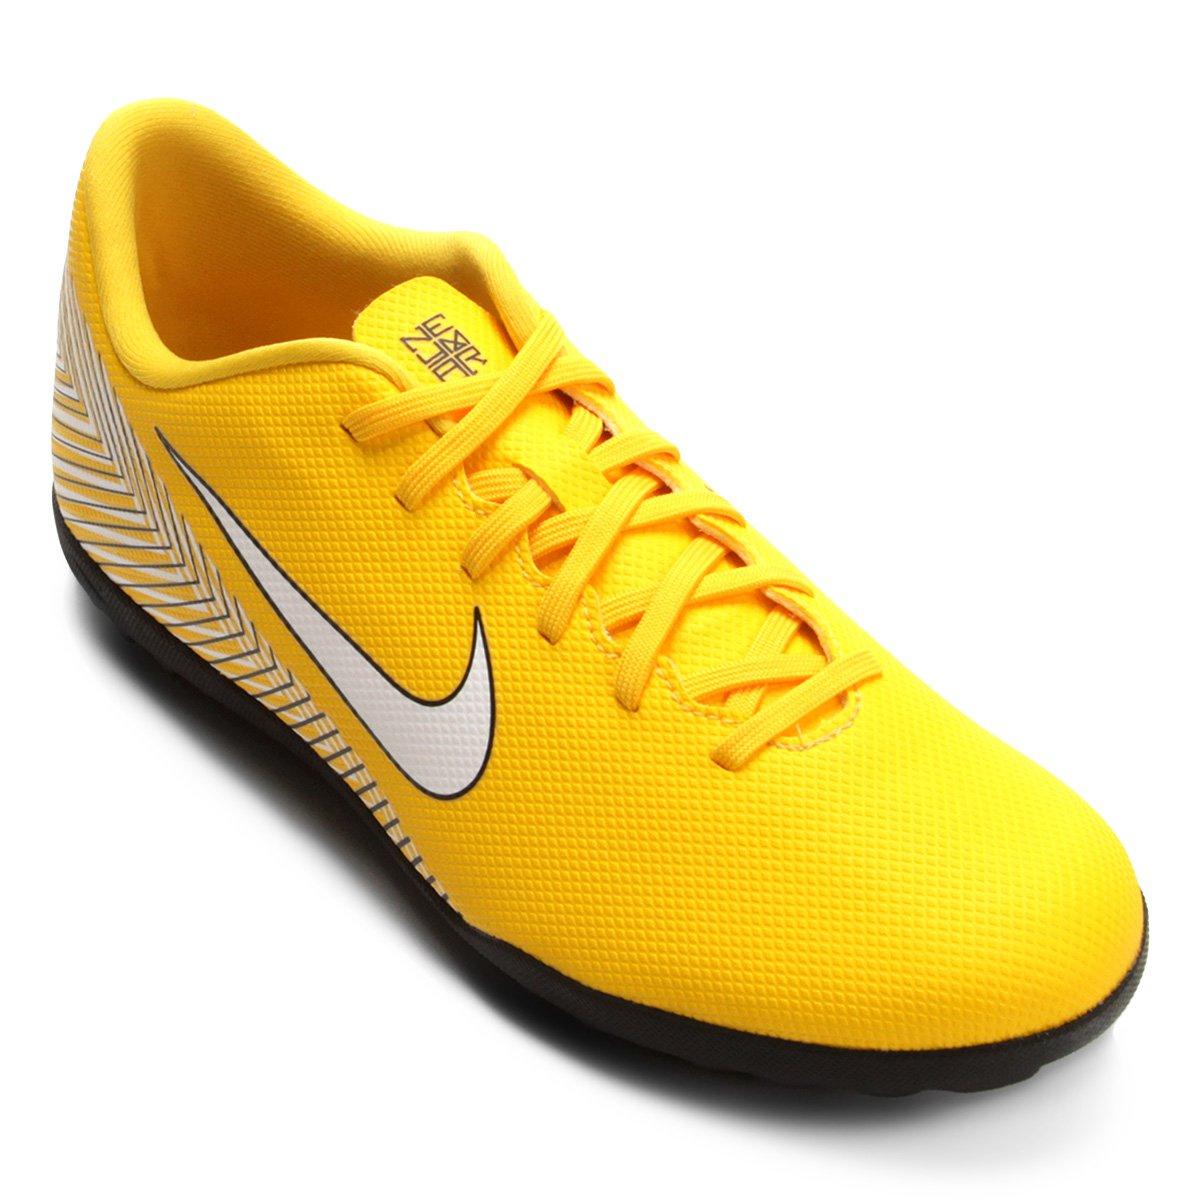 Chuteira Society Nike Mercurial Vapor 12 Club Neymar TF - Amarelo e Preto - Compre  Agora  8d89c11cf298b